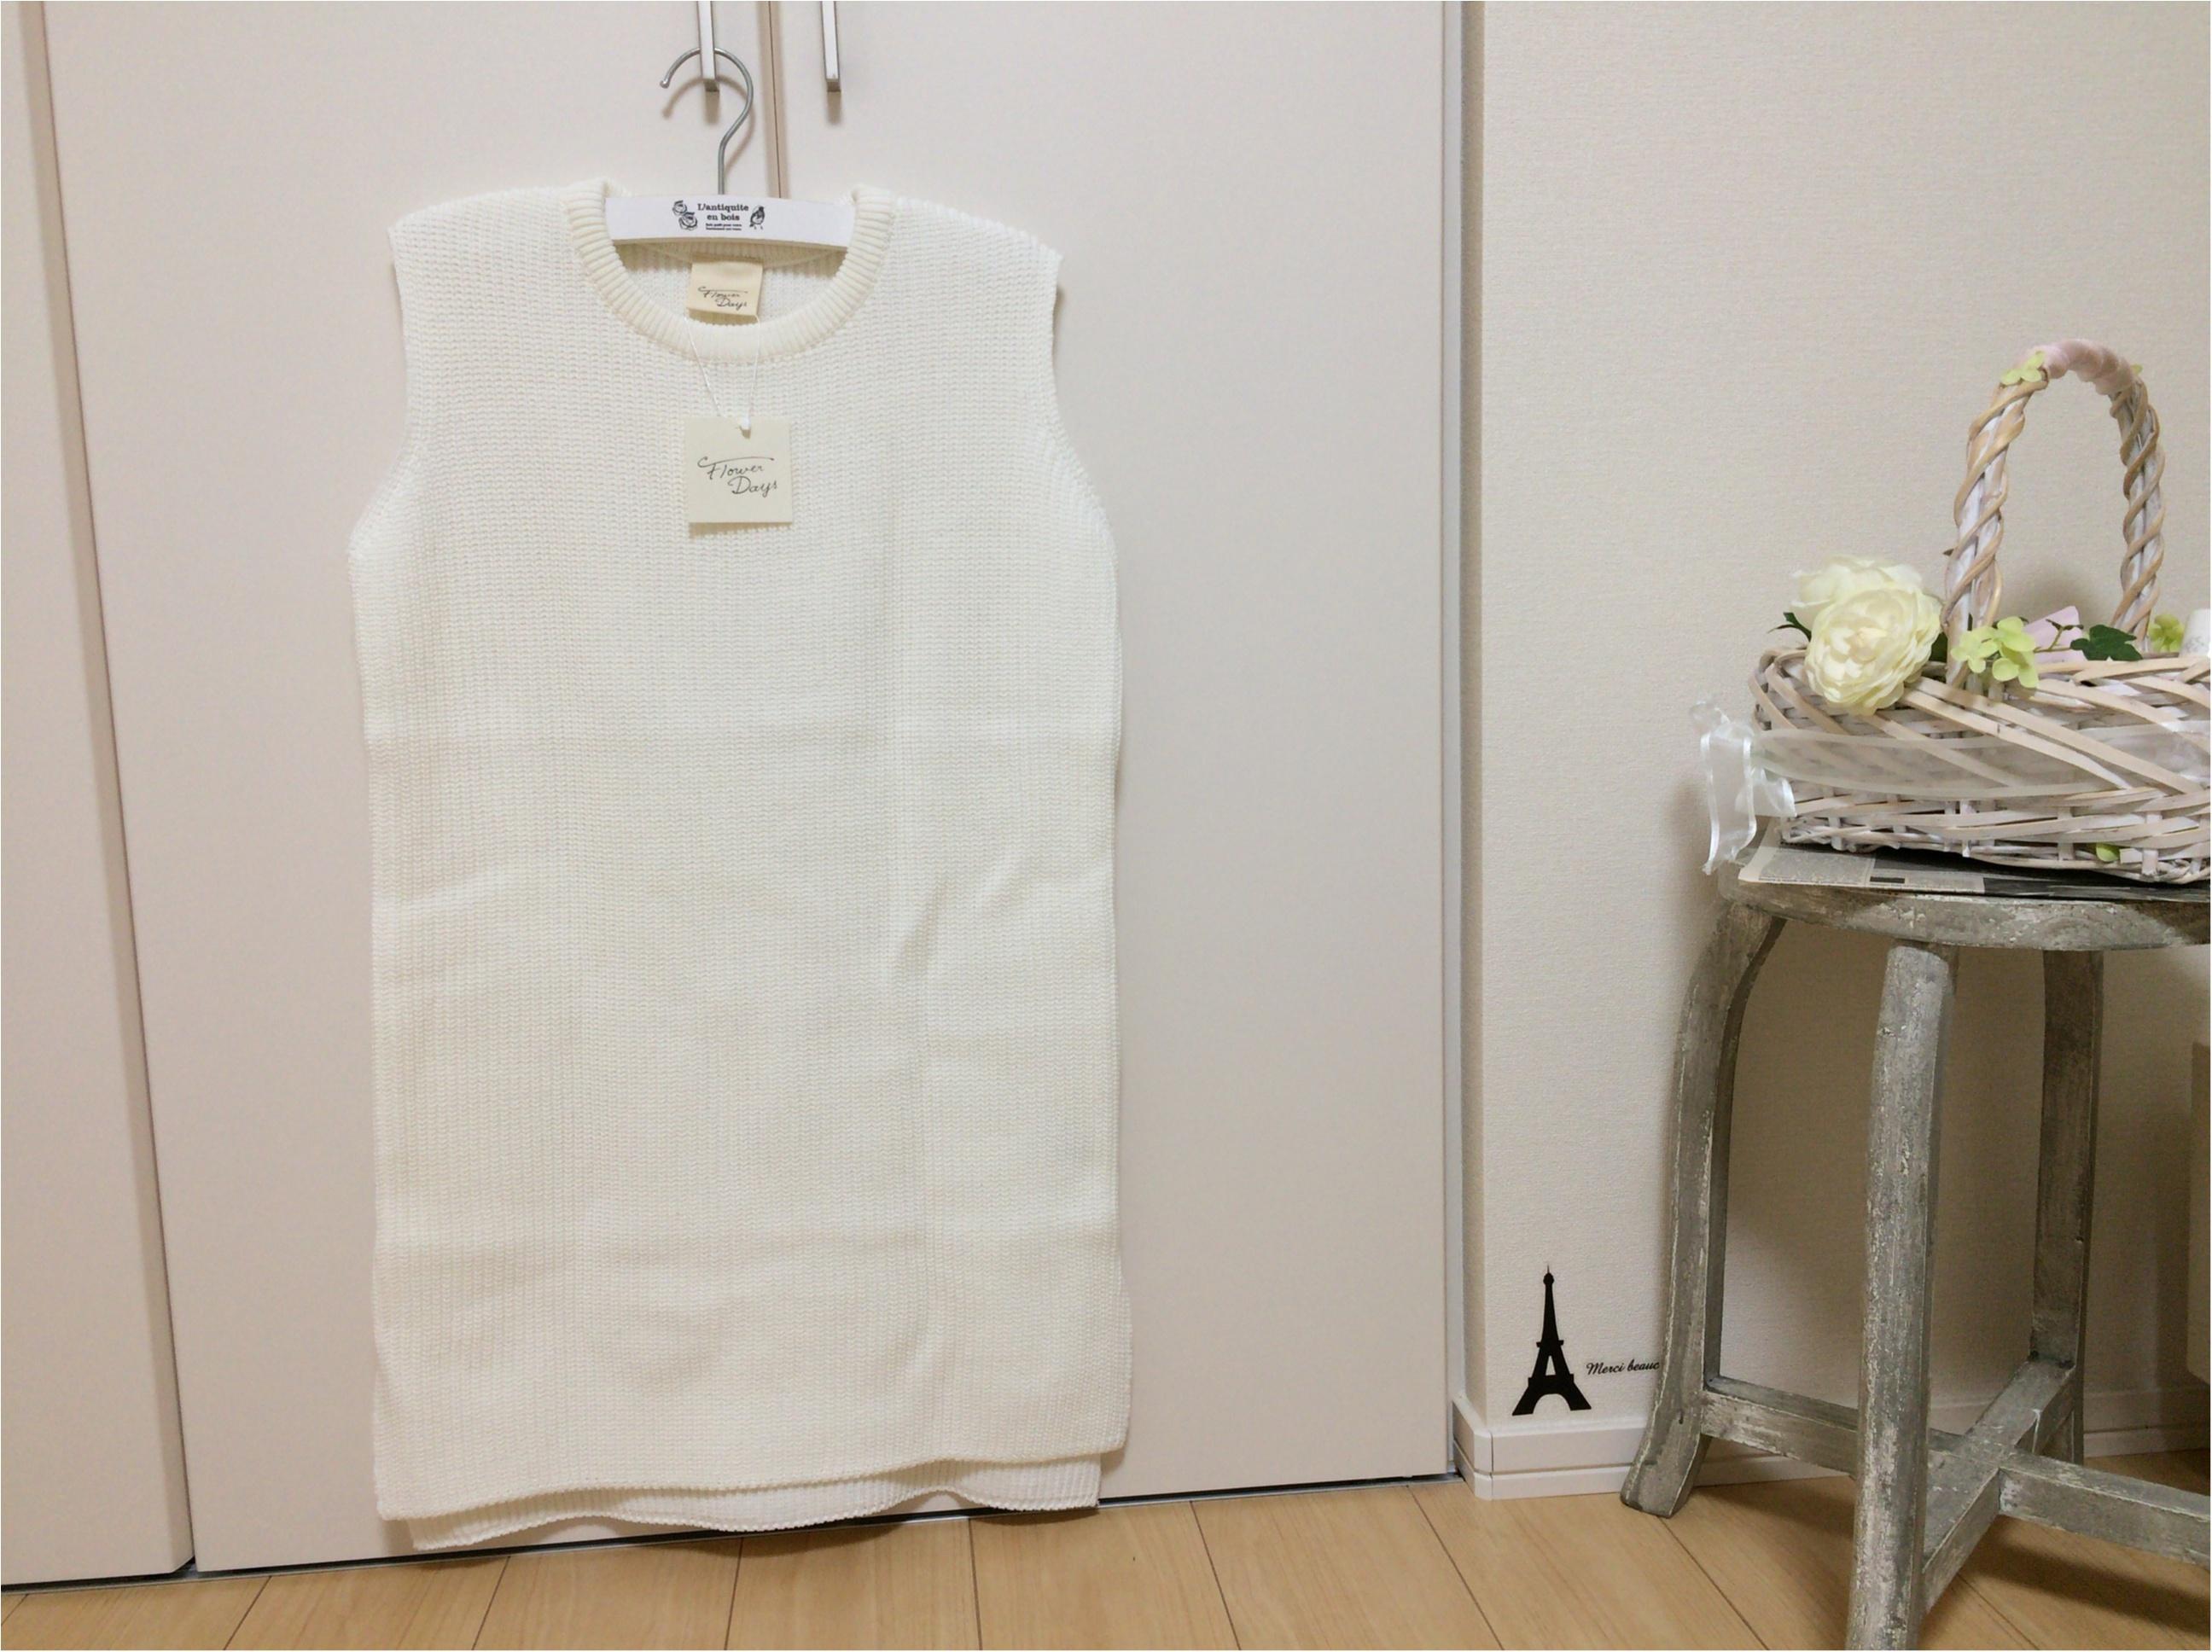 佐藤ありさコラボ服『FlowerDays』流行《ストライプ》リネン風スカートは着回しも着心地も楽チン!_9